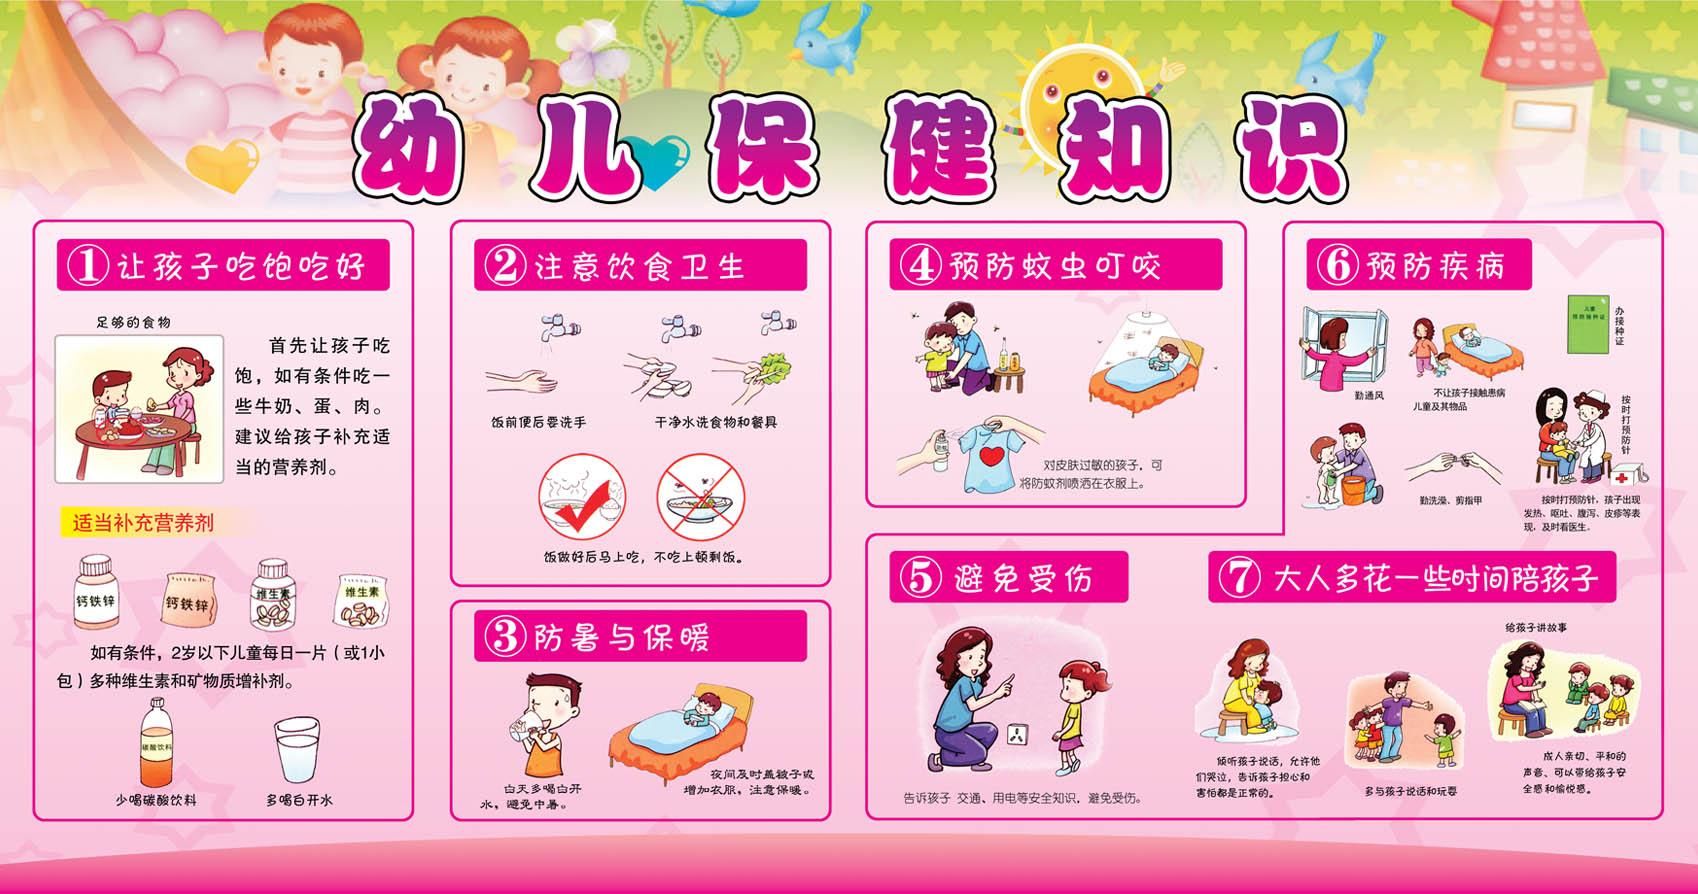 Младенец здравоохранение знать знание / детский сад знак язык / детский сад здравоохранение комната система степень / детский сад выставка доска система степень /